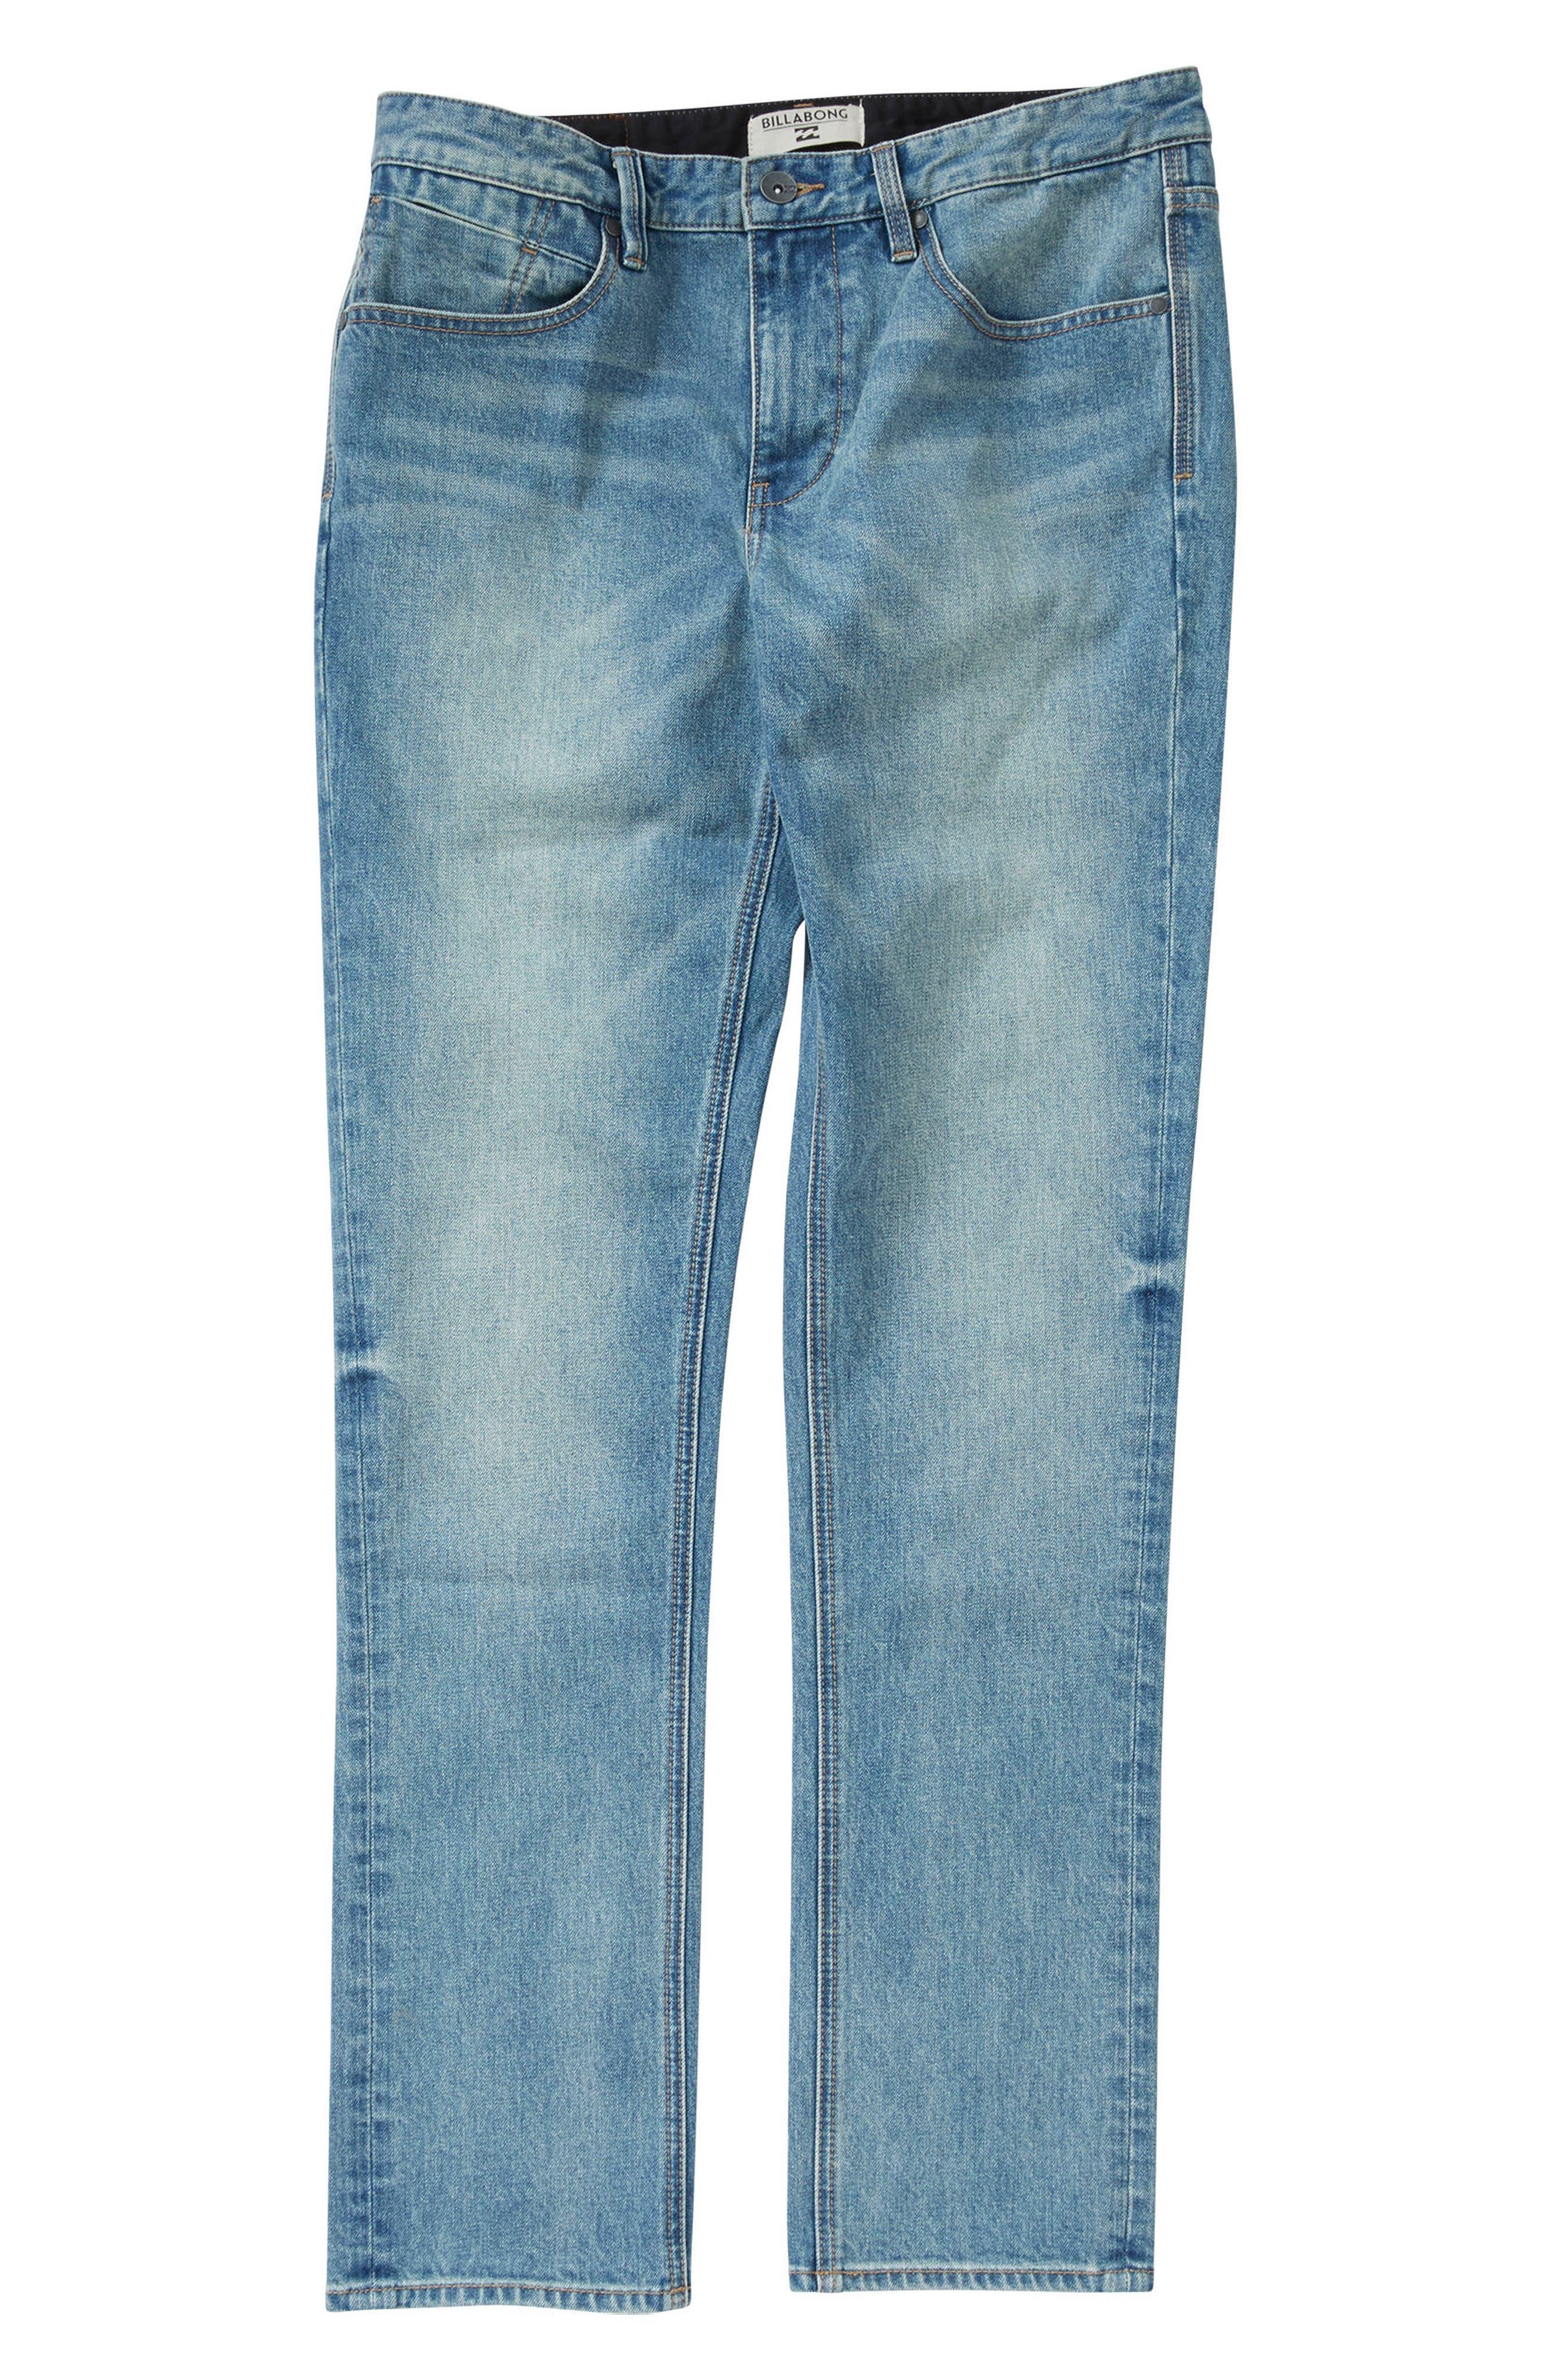 Alternate Image 1 Selected - Billabong Outsider Jeans (Toddler Boys & Little Boys)